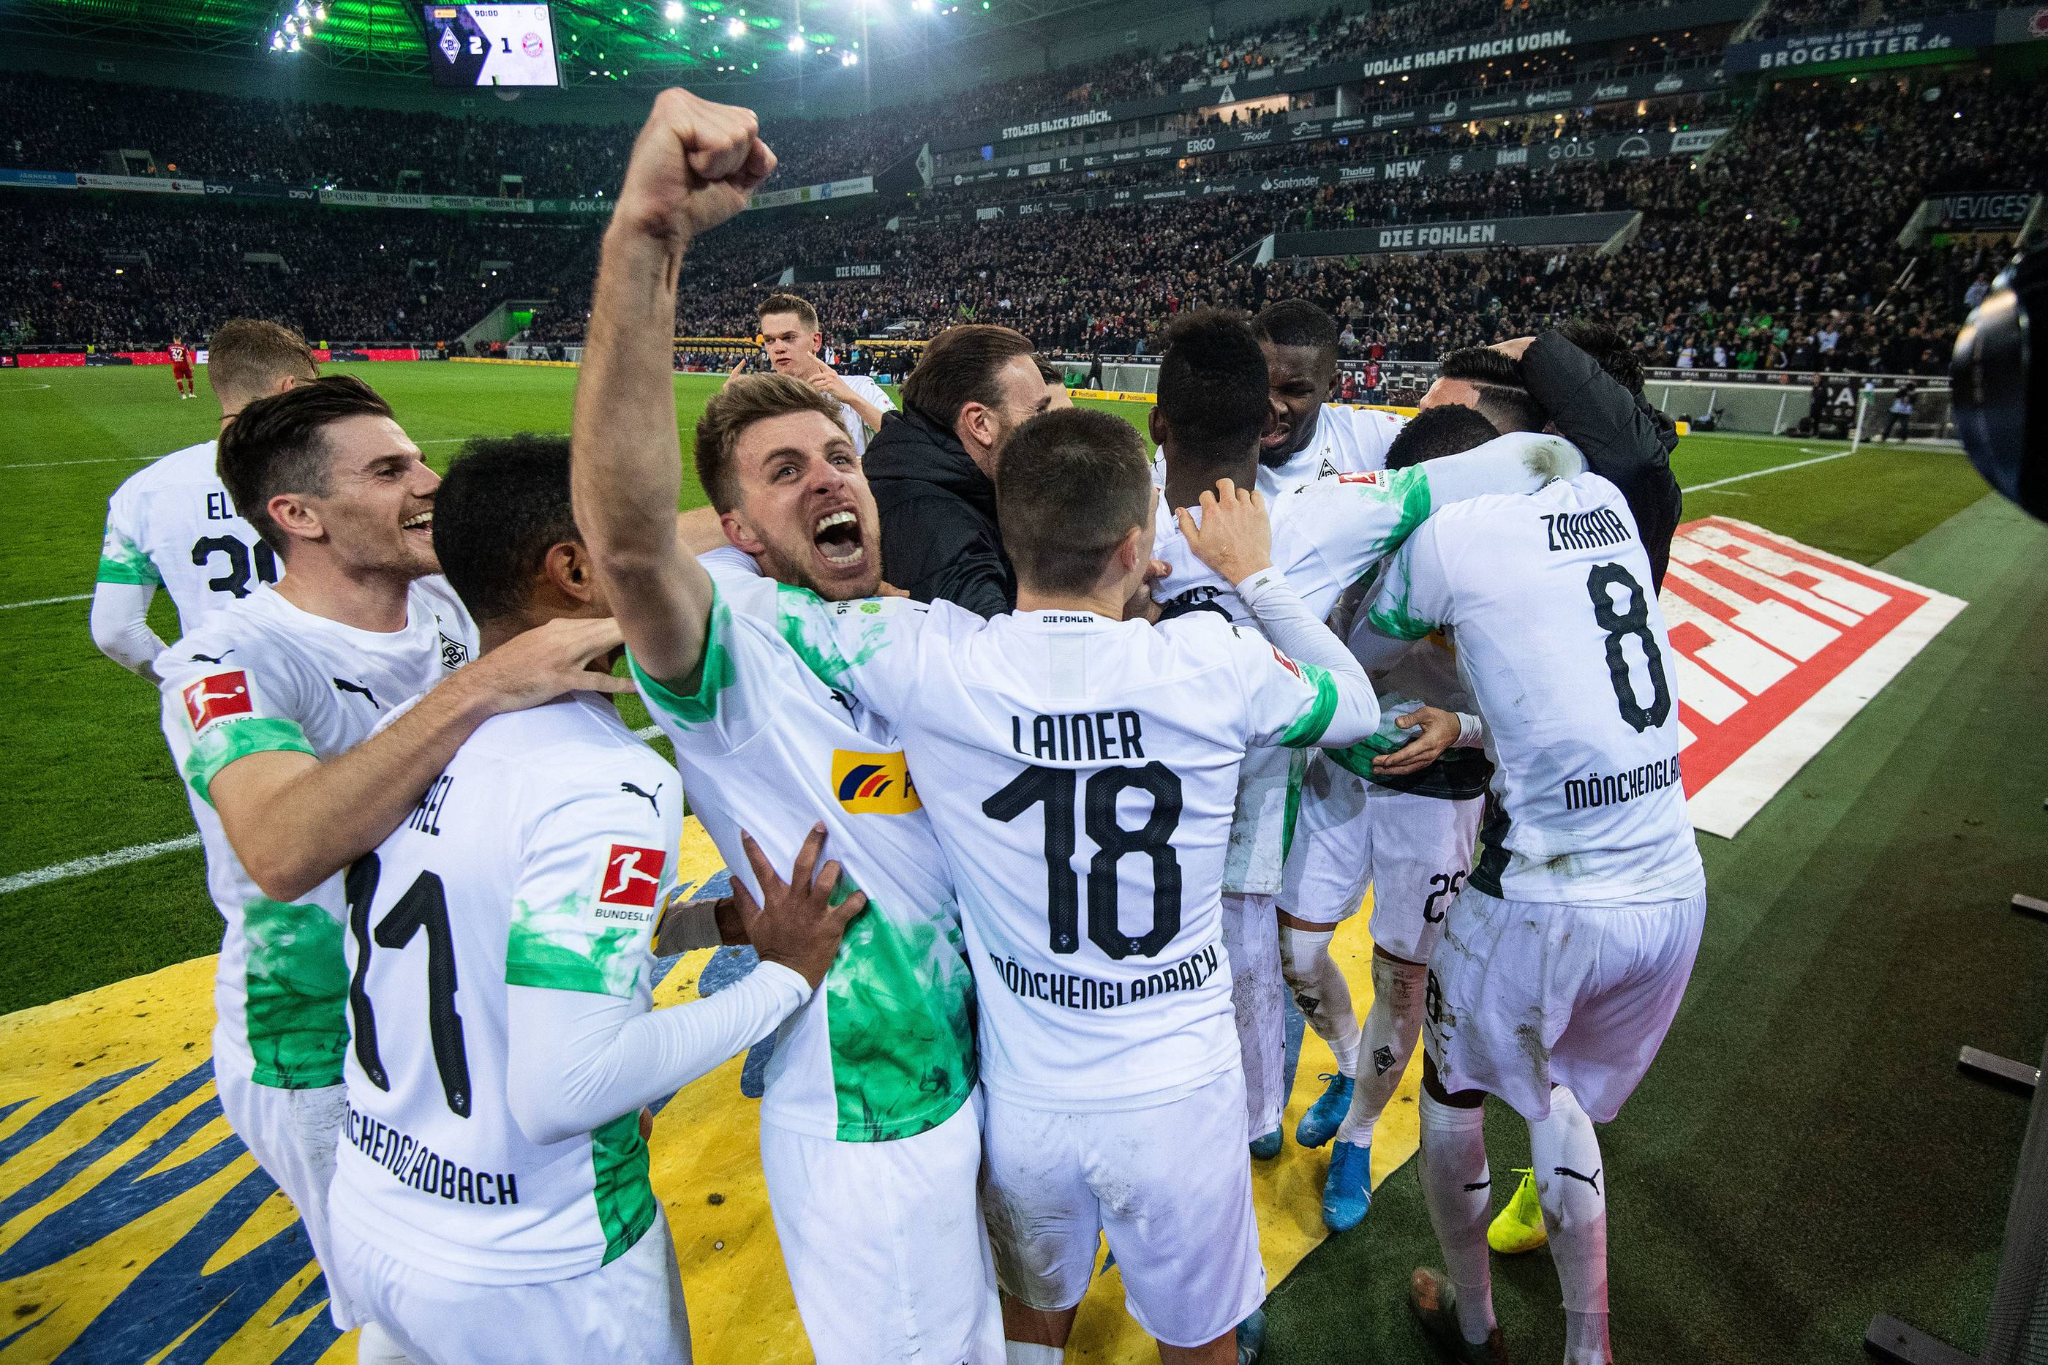 Borussia Monchengladbach Prominente Gratulieren Zum 120 Geburtstag